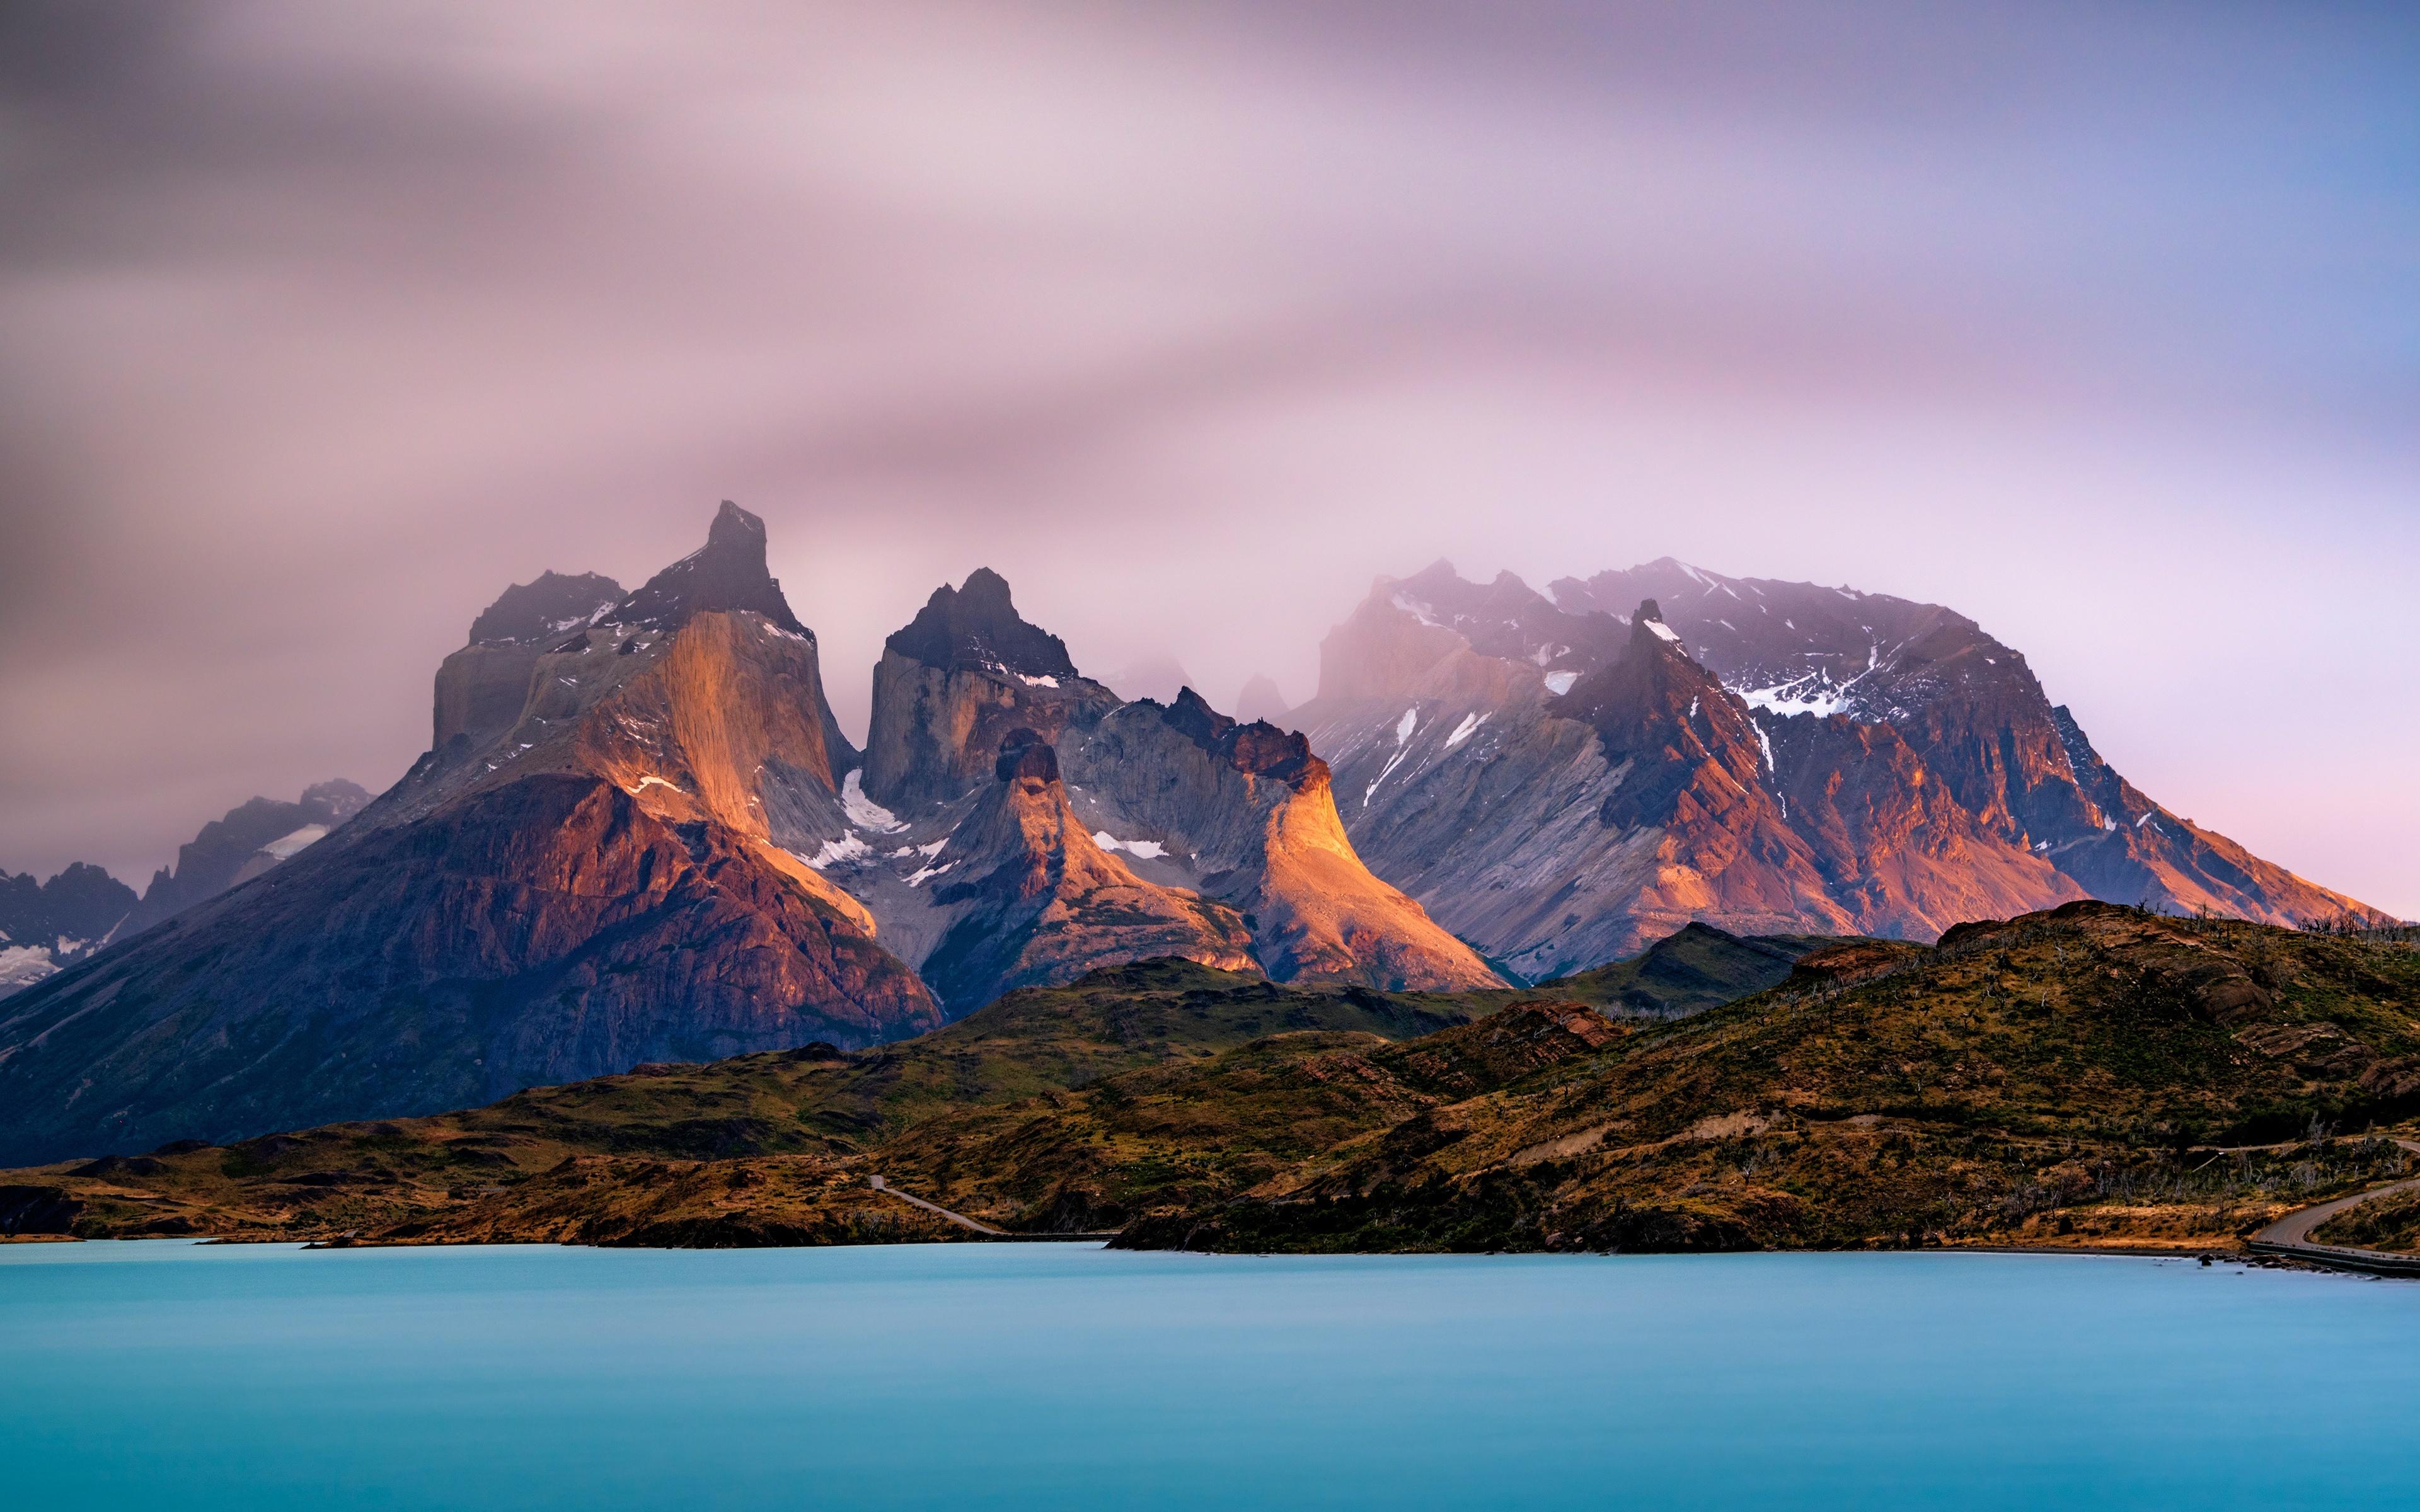 Обои для рабочего стола Аргентина Lago Argentino, Andes, Patagonia, Santa Cruz Горы Природа Озеро 3840x2400 гора